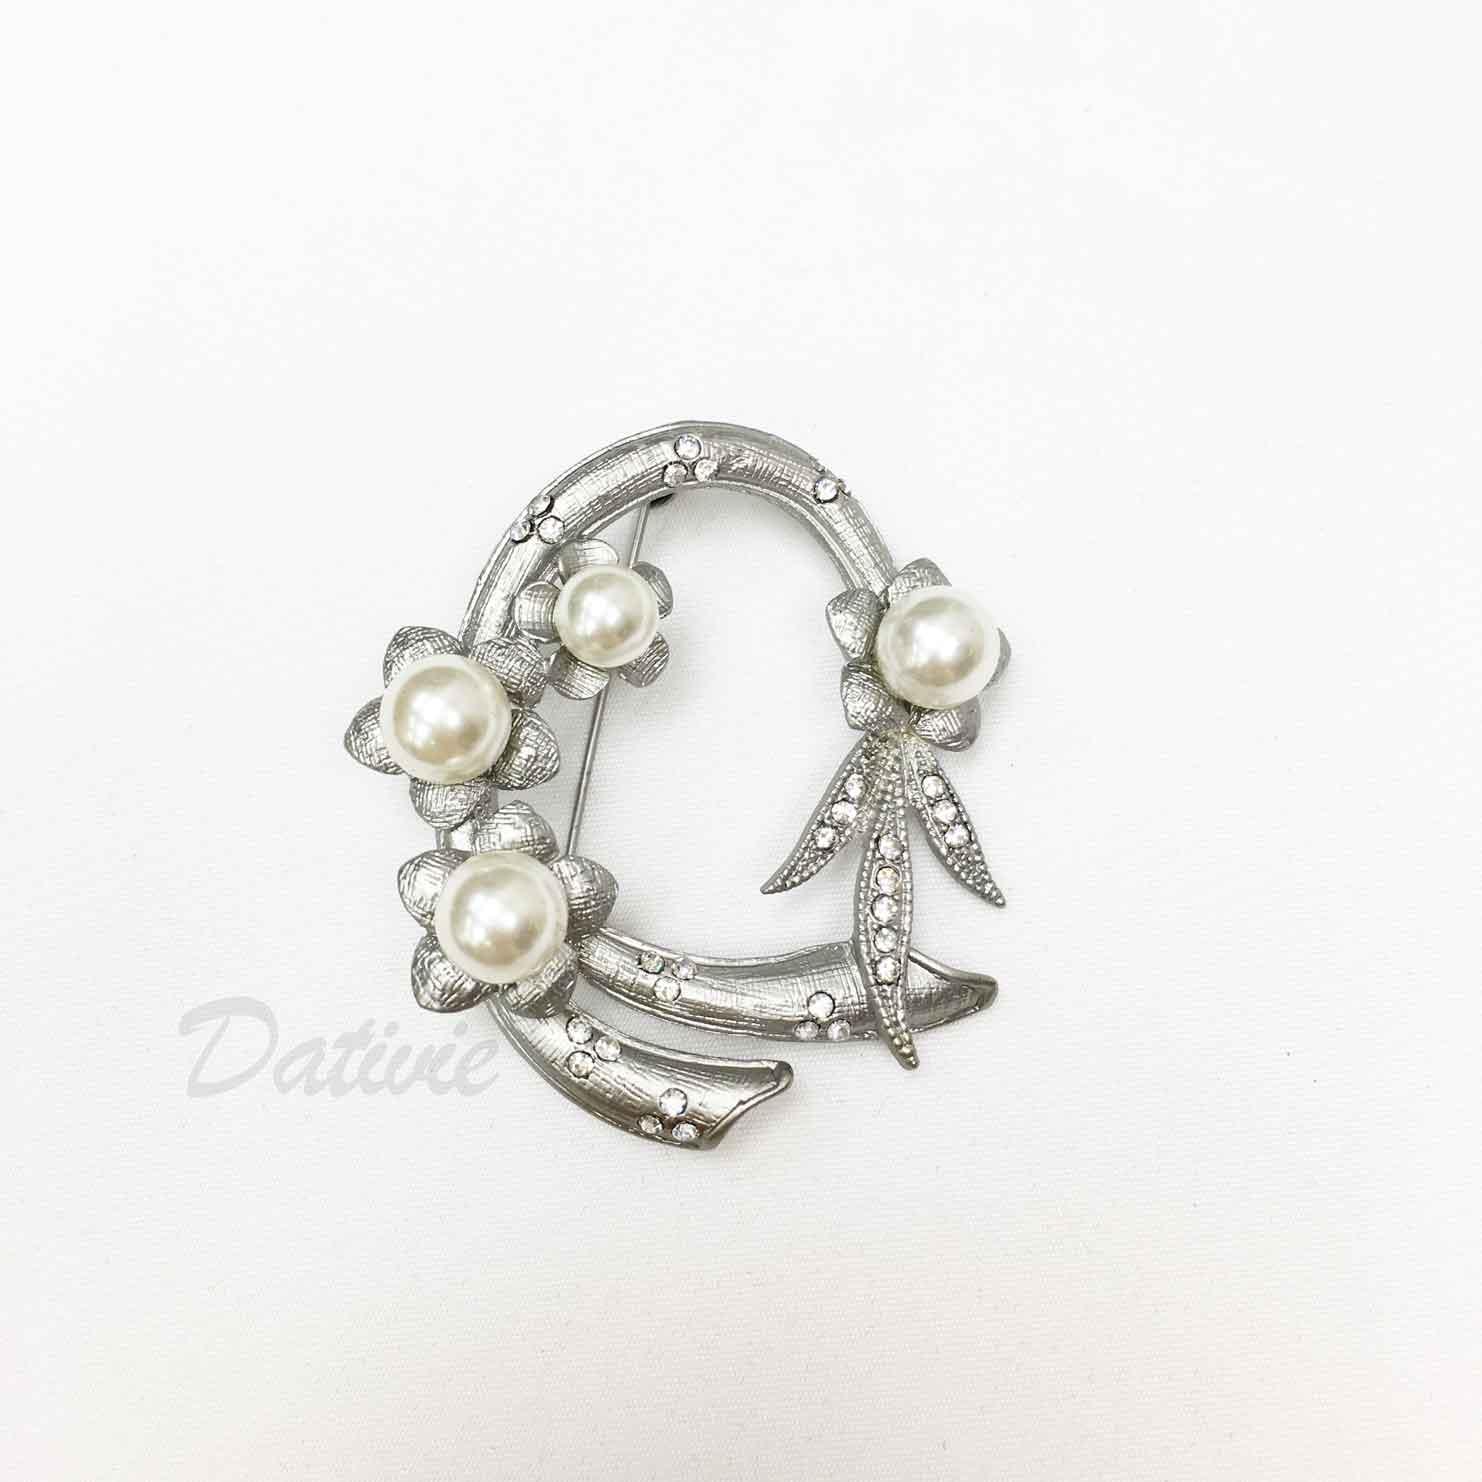 花環 圓圈 珍珠 緞帶花紋 霧銀色 單個 胸針